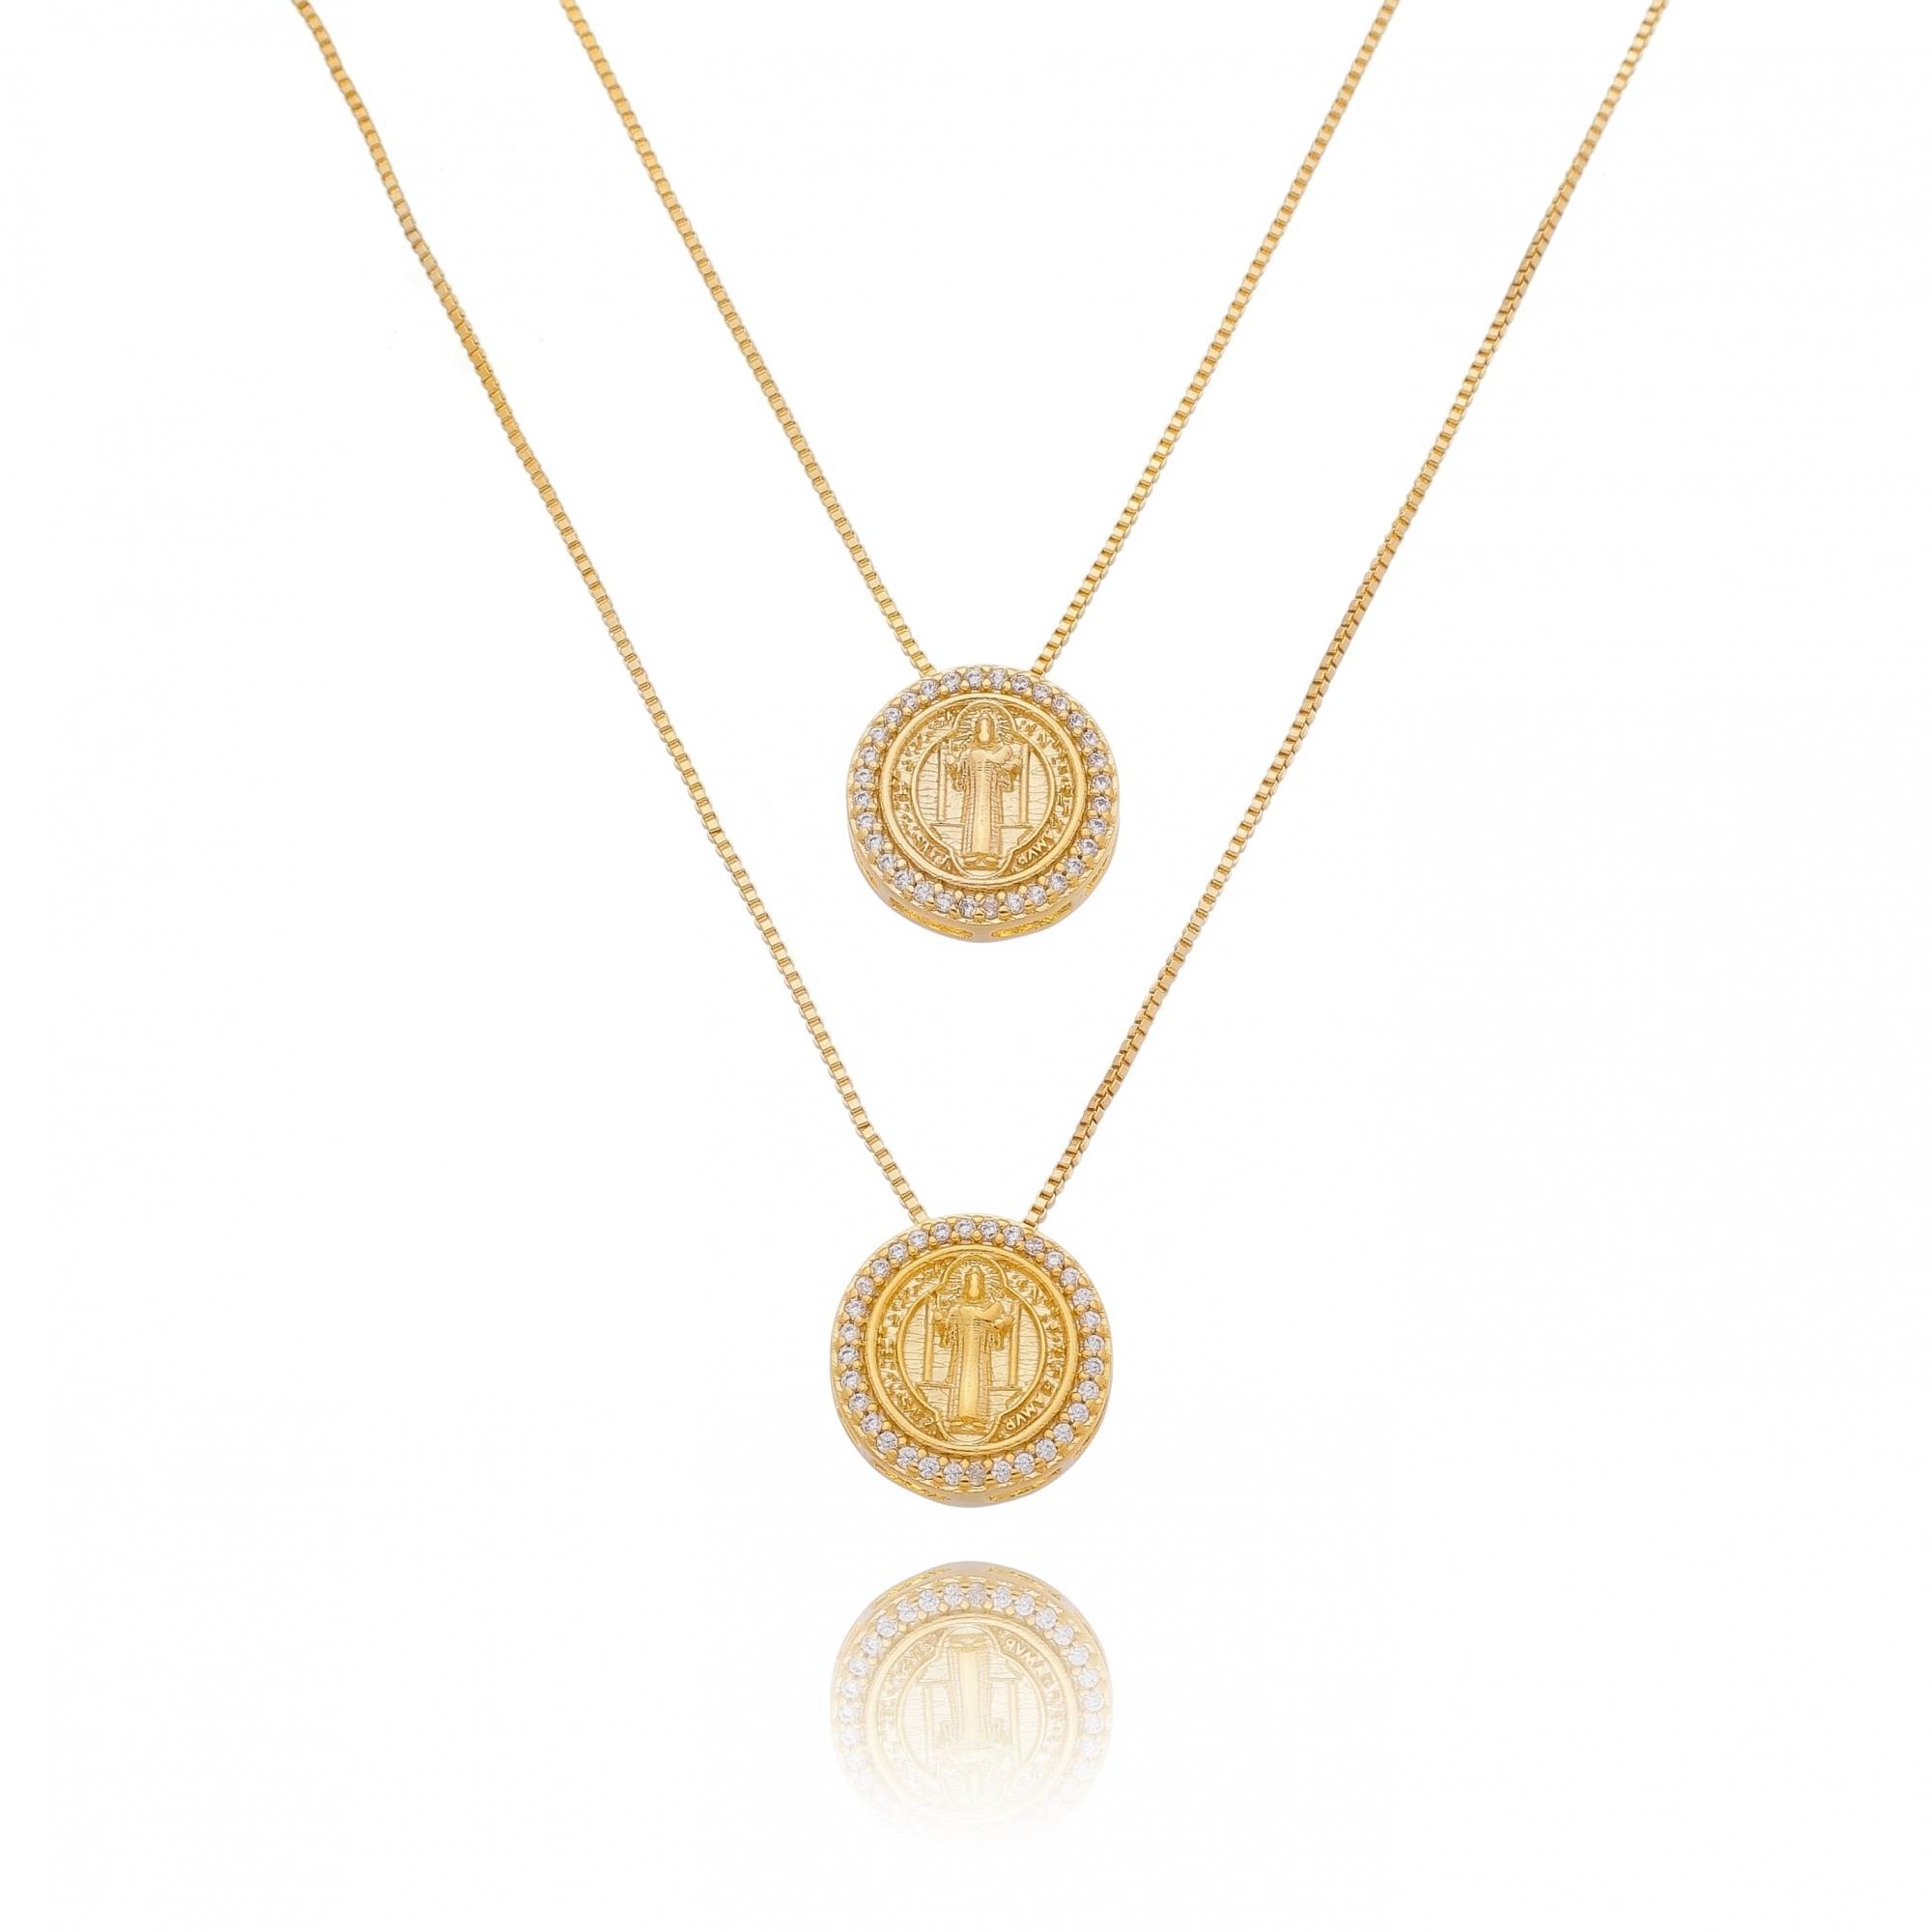 Escapulario Medalhas São Bento Cravejado em Zircônia Folheado em Ouro 18k